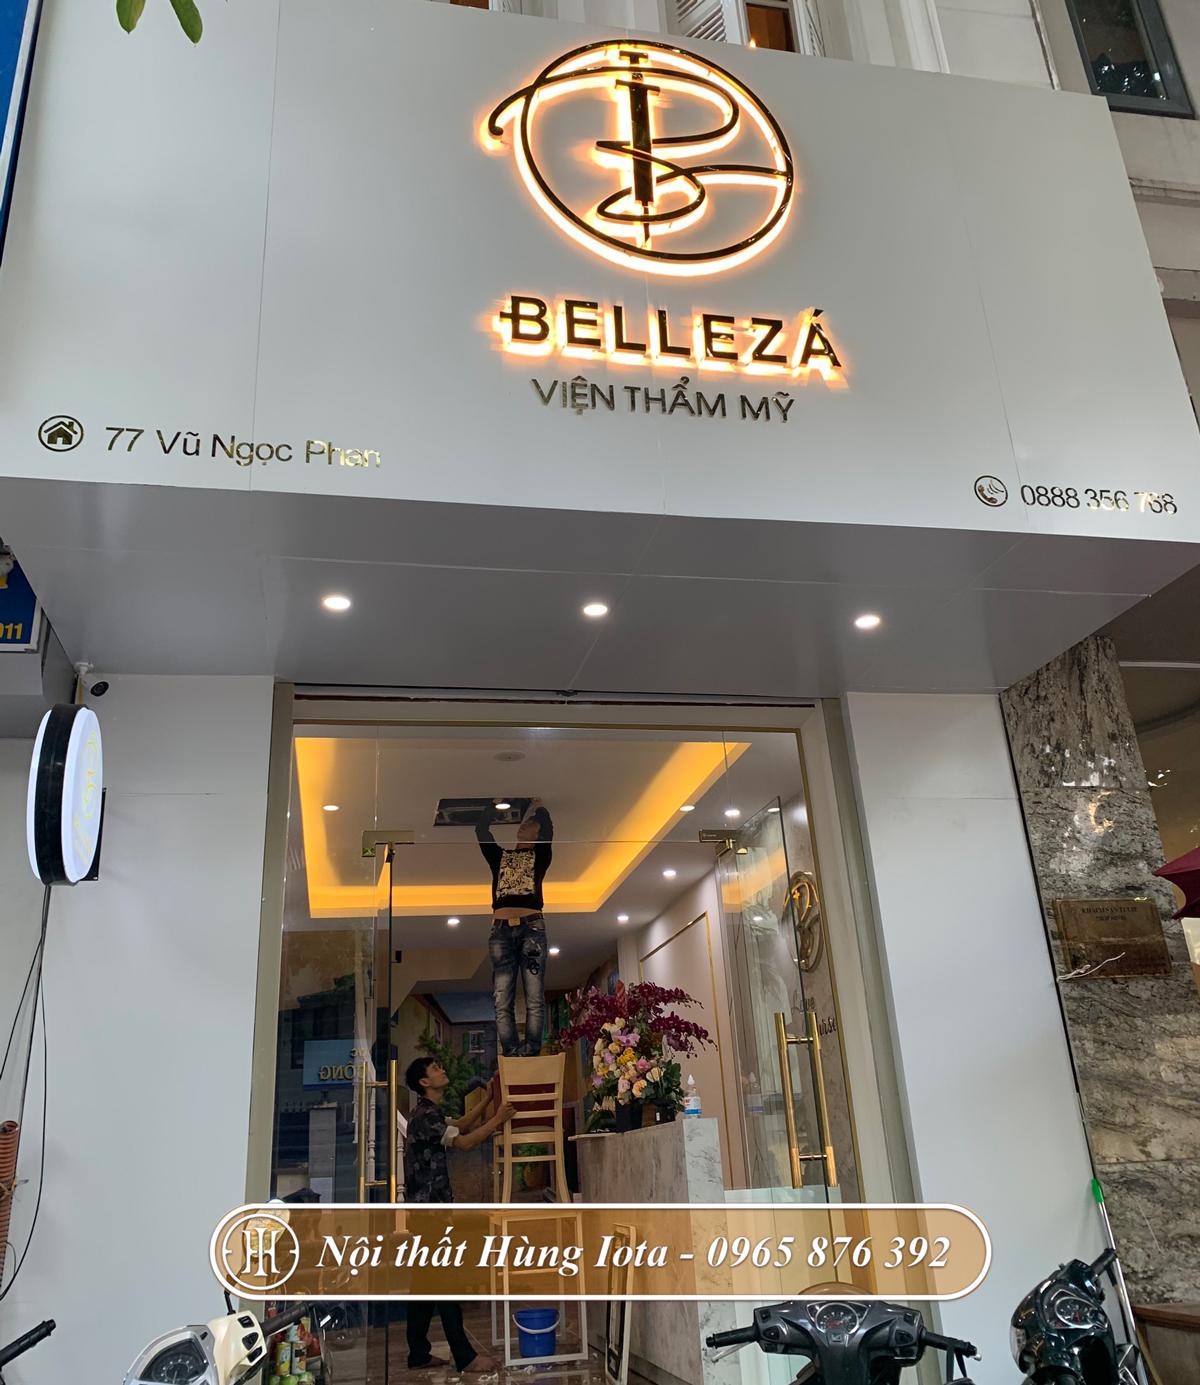 Thiết kế lắp đặt nội thất spa Belleza ở Vũ Ngọc Phan